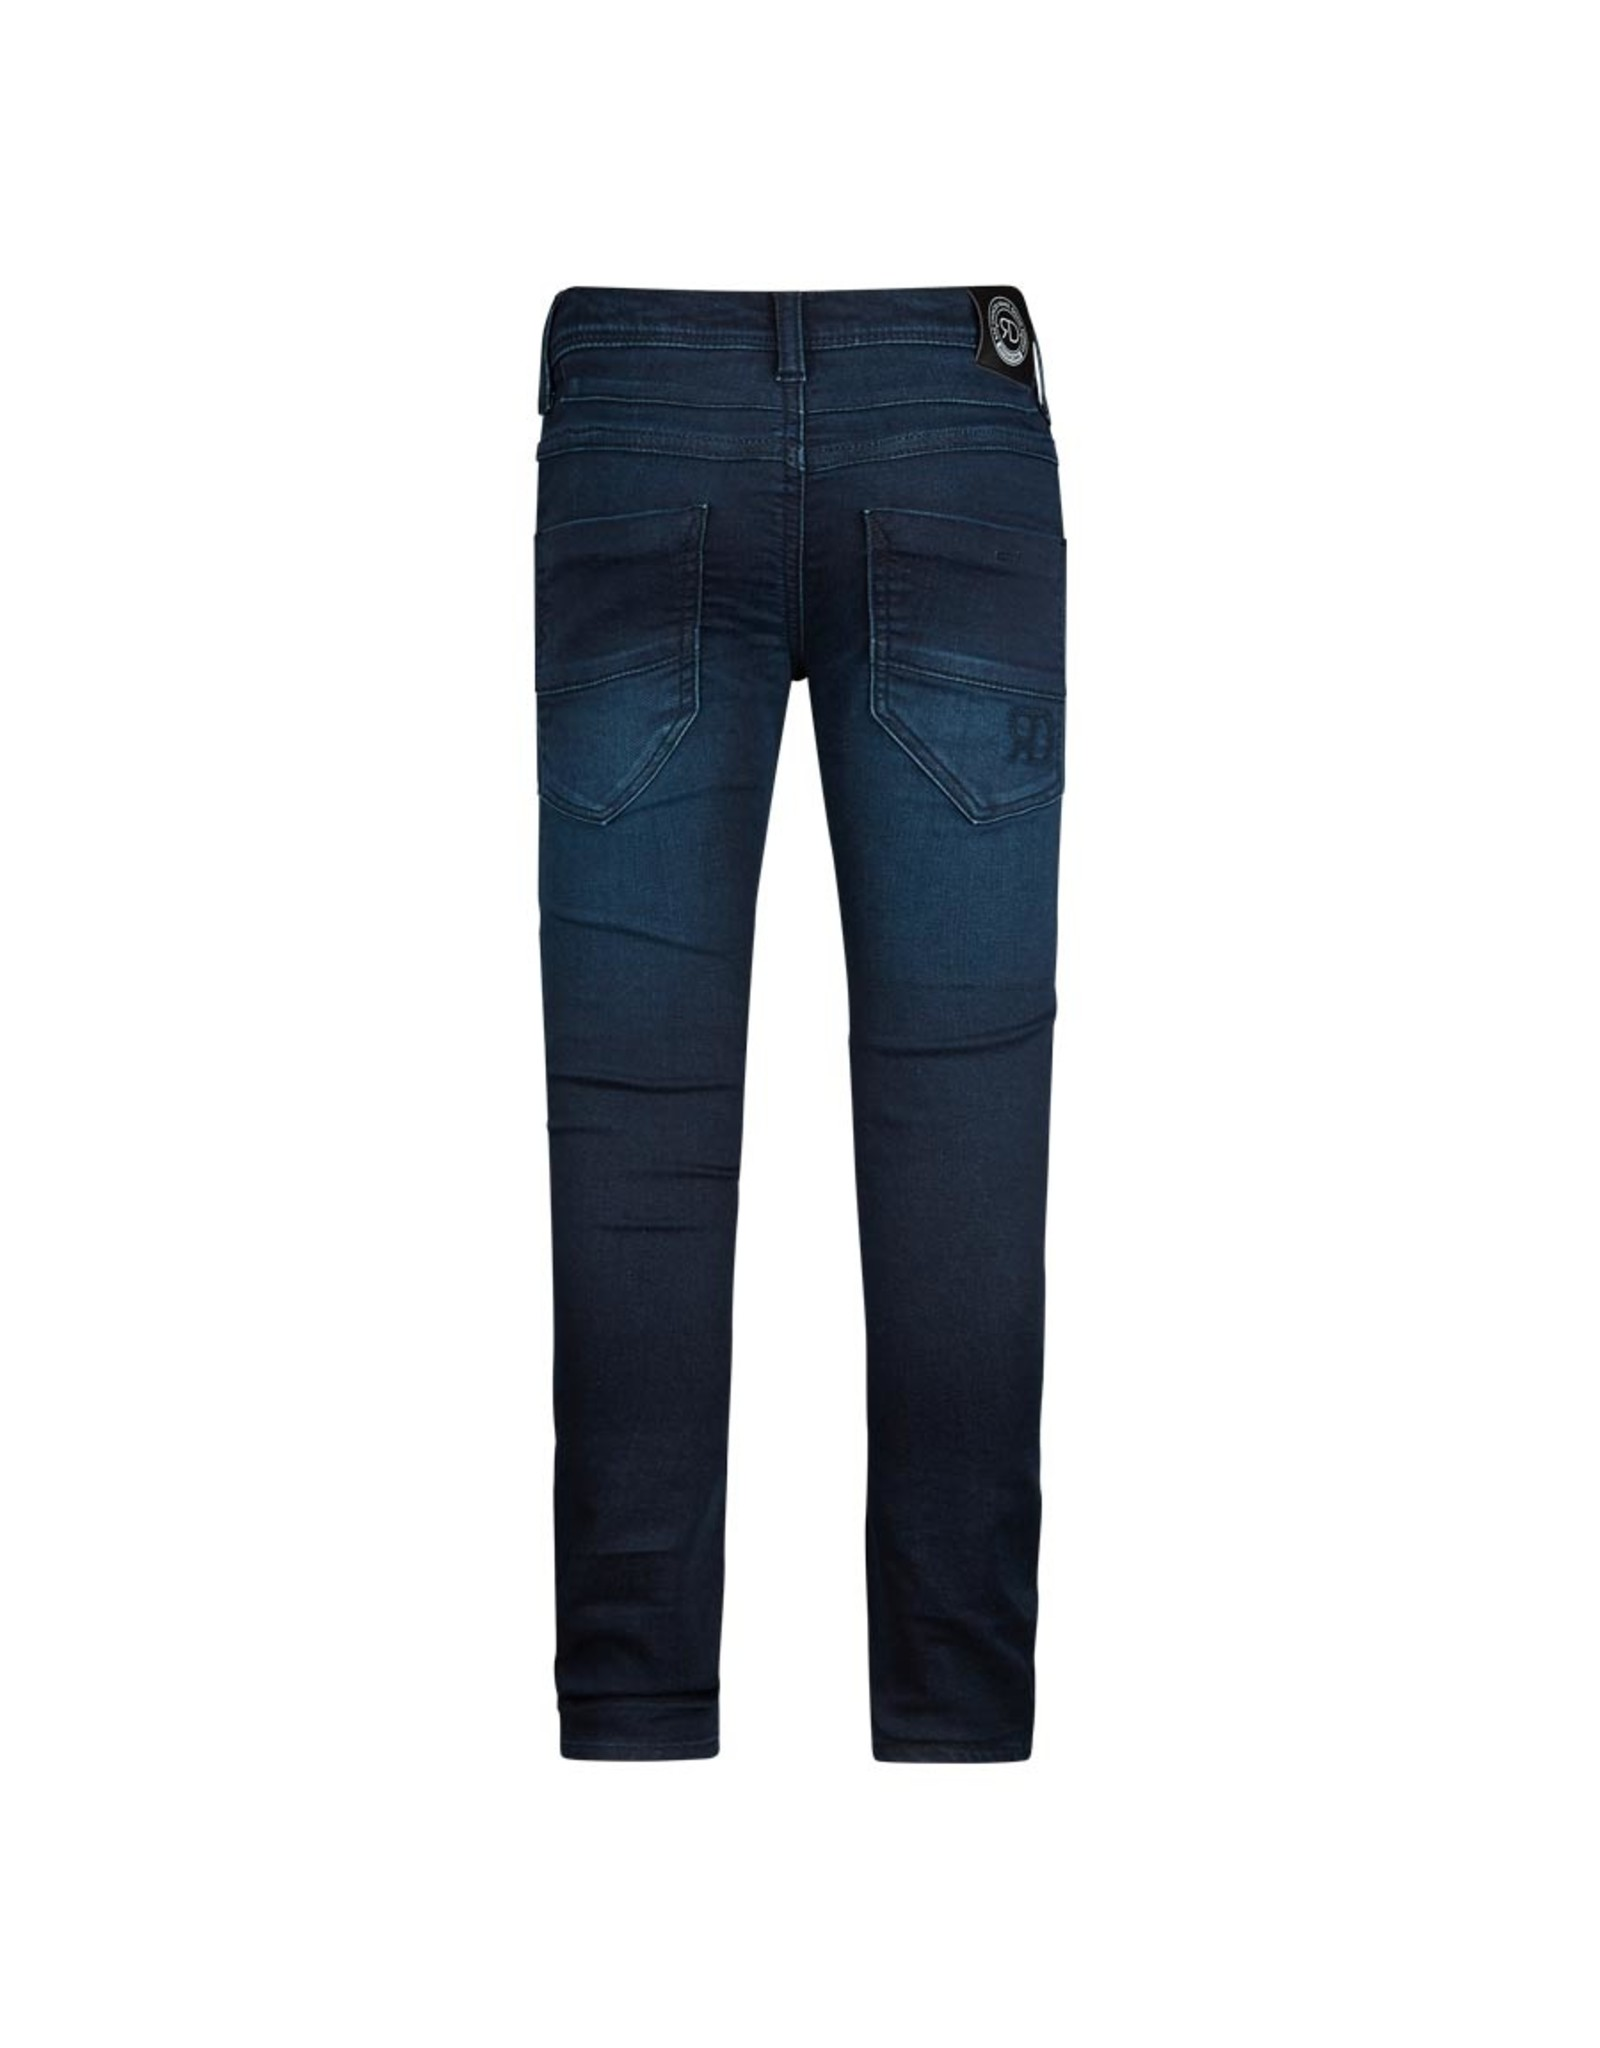 Retour Jeans Denim LUIGI medium blue Denim